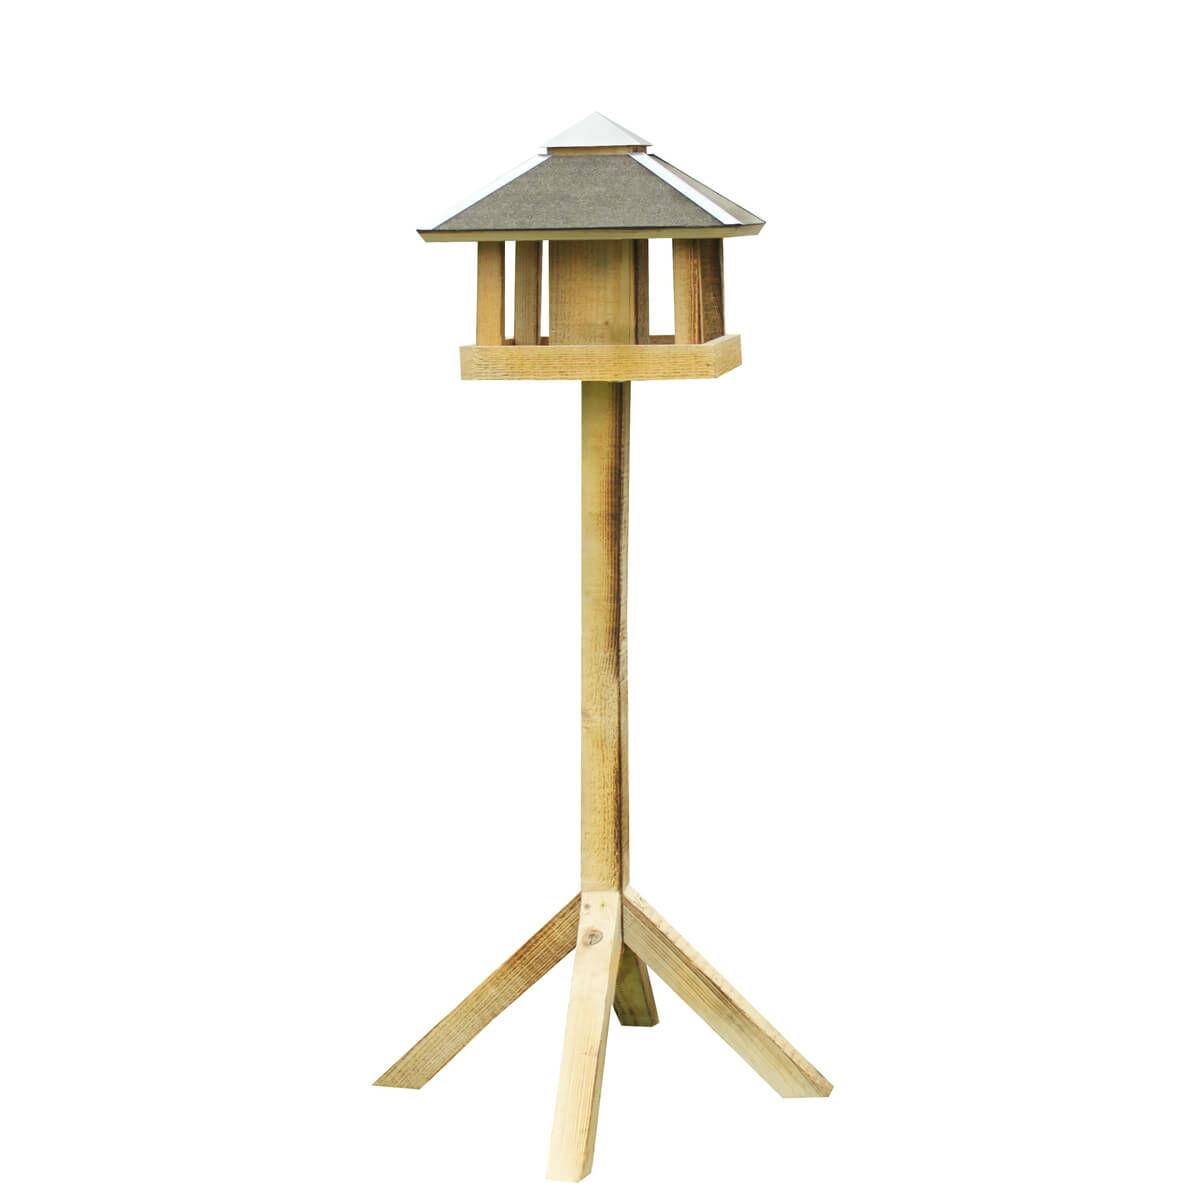 Vogelhaus Blaavand Mit Silo Von Gardenlife Gunstig Bestellen